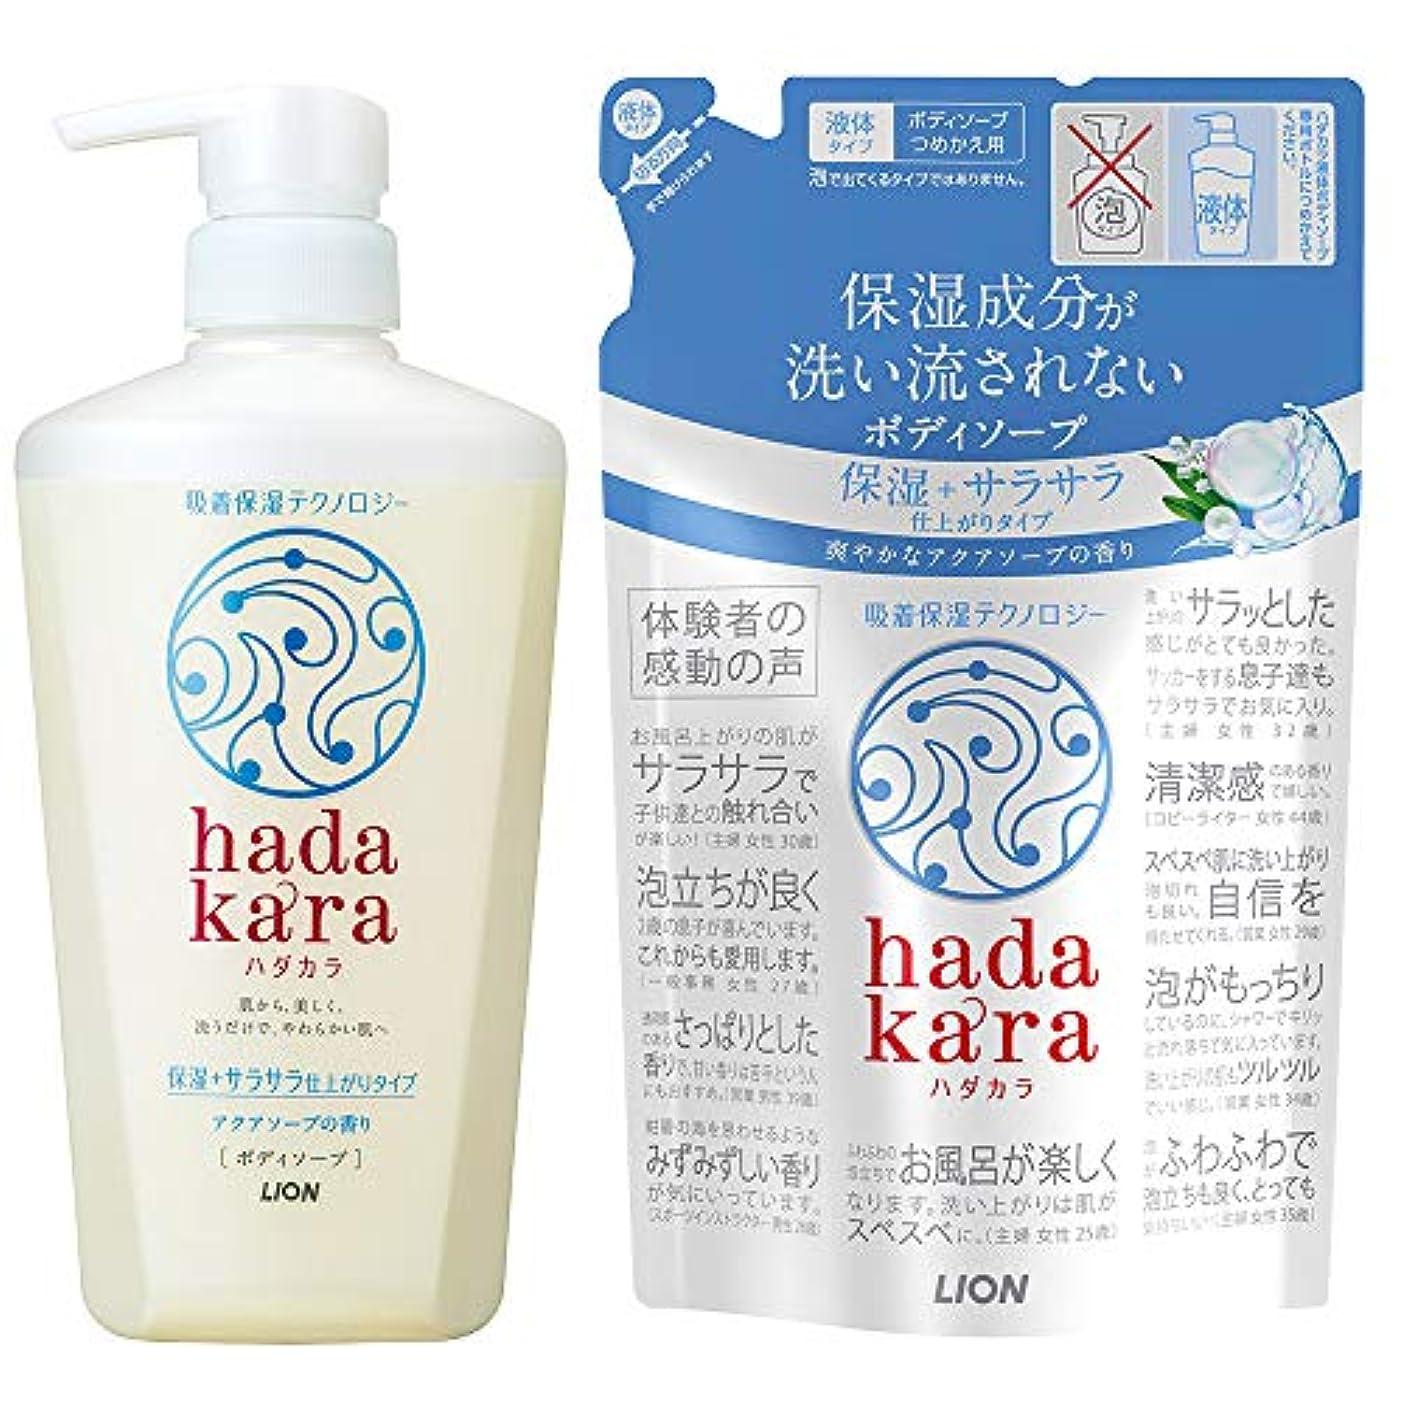 アルコールラッシュ瀬戸際hadakara(ハダカラ)ボディソープ 保湿+サラサラ仕上がりタイプ アクアソープの香り 本体 480ml + つめかえ 340ml